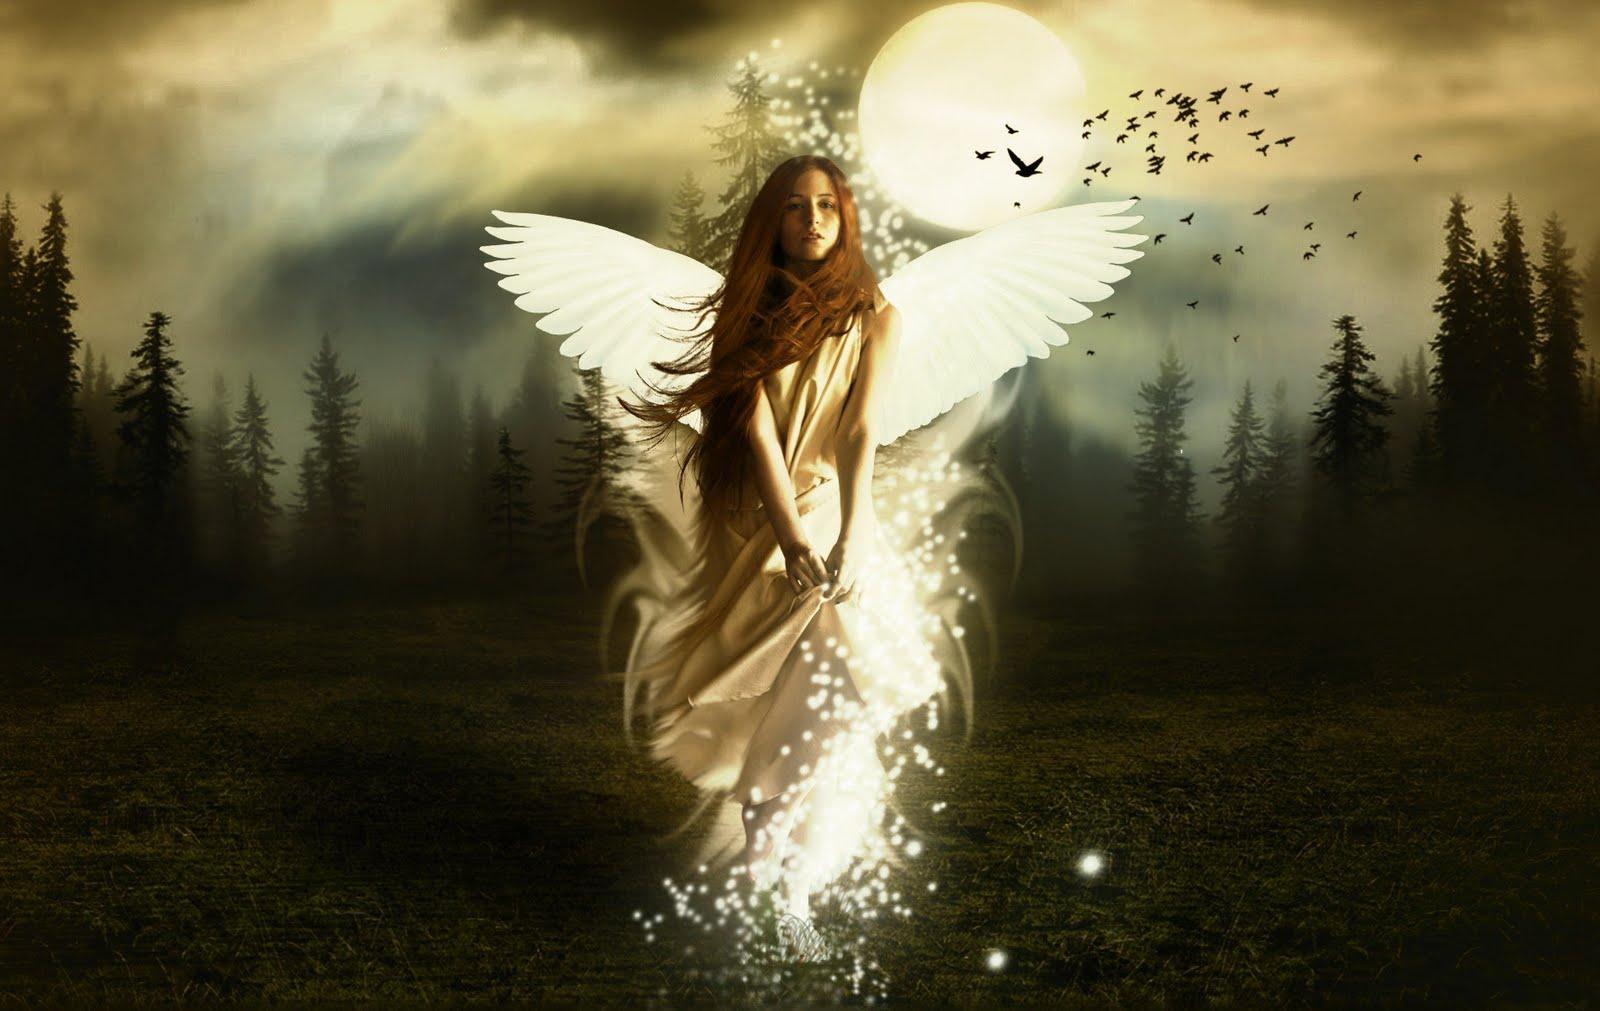 http://2.bp.blogspot.com/_8_k84ZX_uEM/S7Gu2aO1kOI/AAAAAAAAAeY/Ufm25_JF3S8/s1600/fantasy+1.jpg